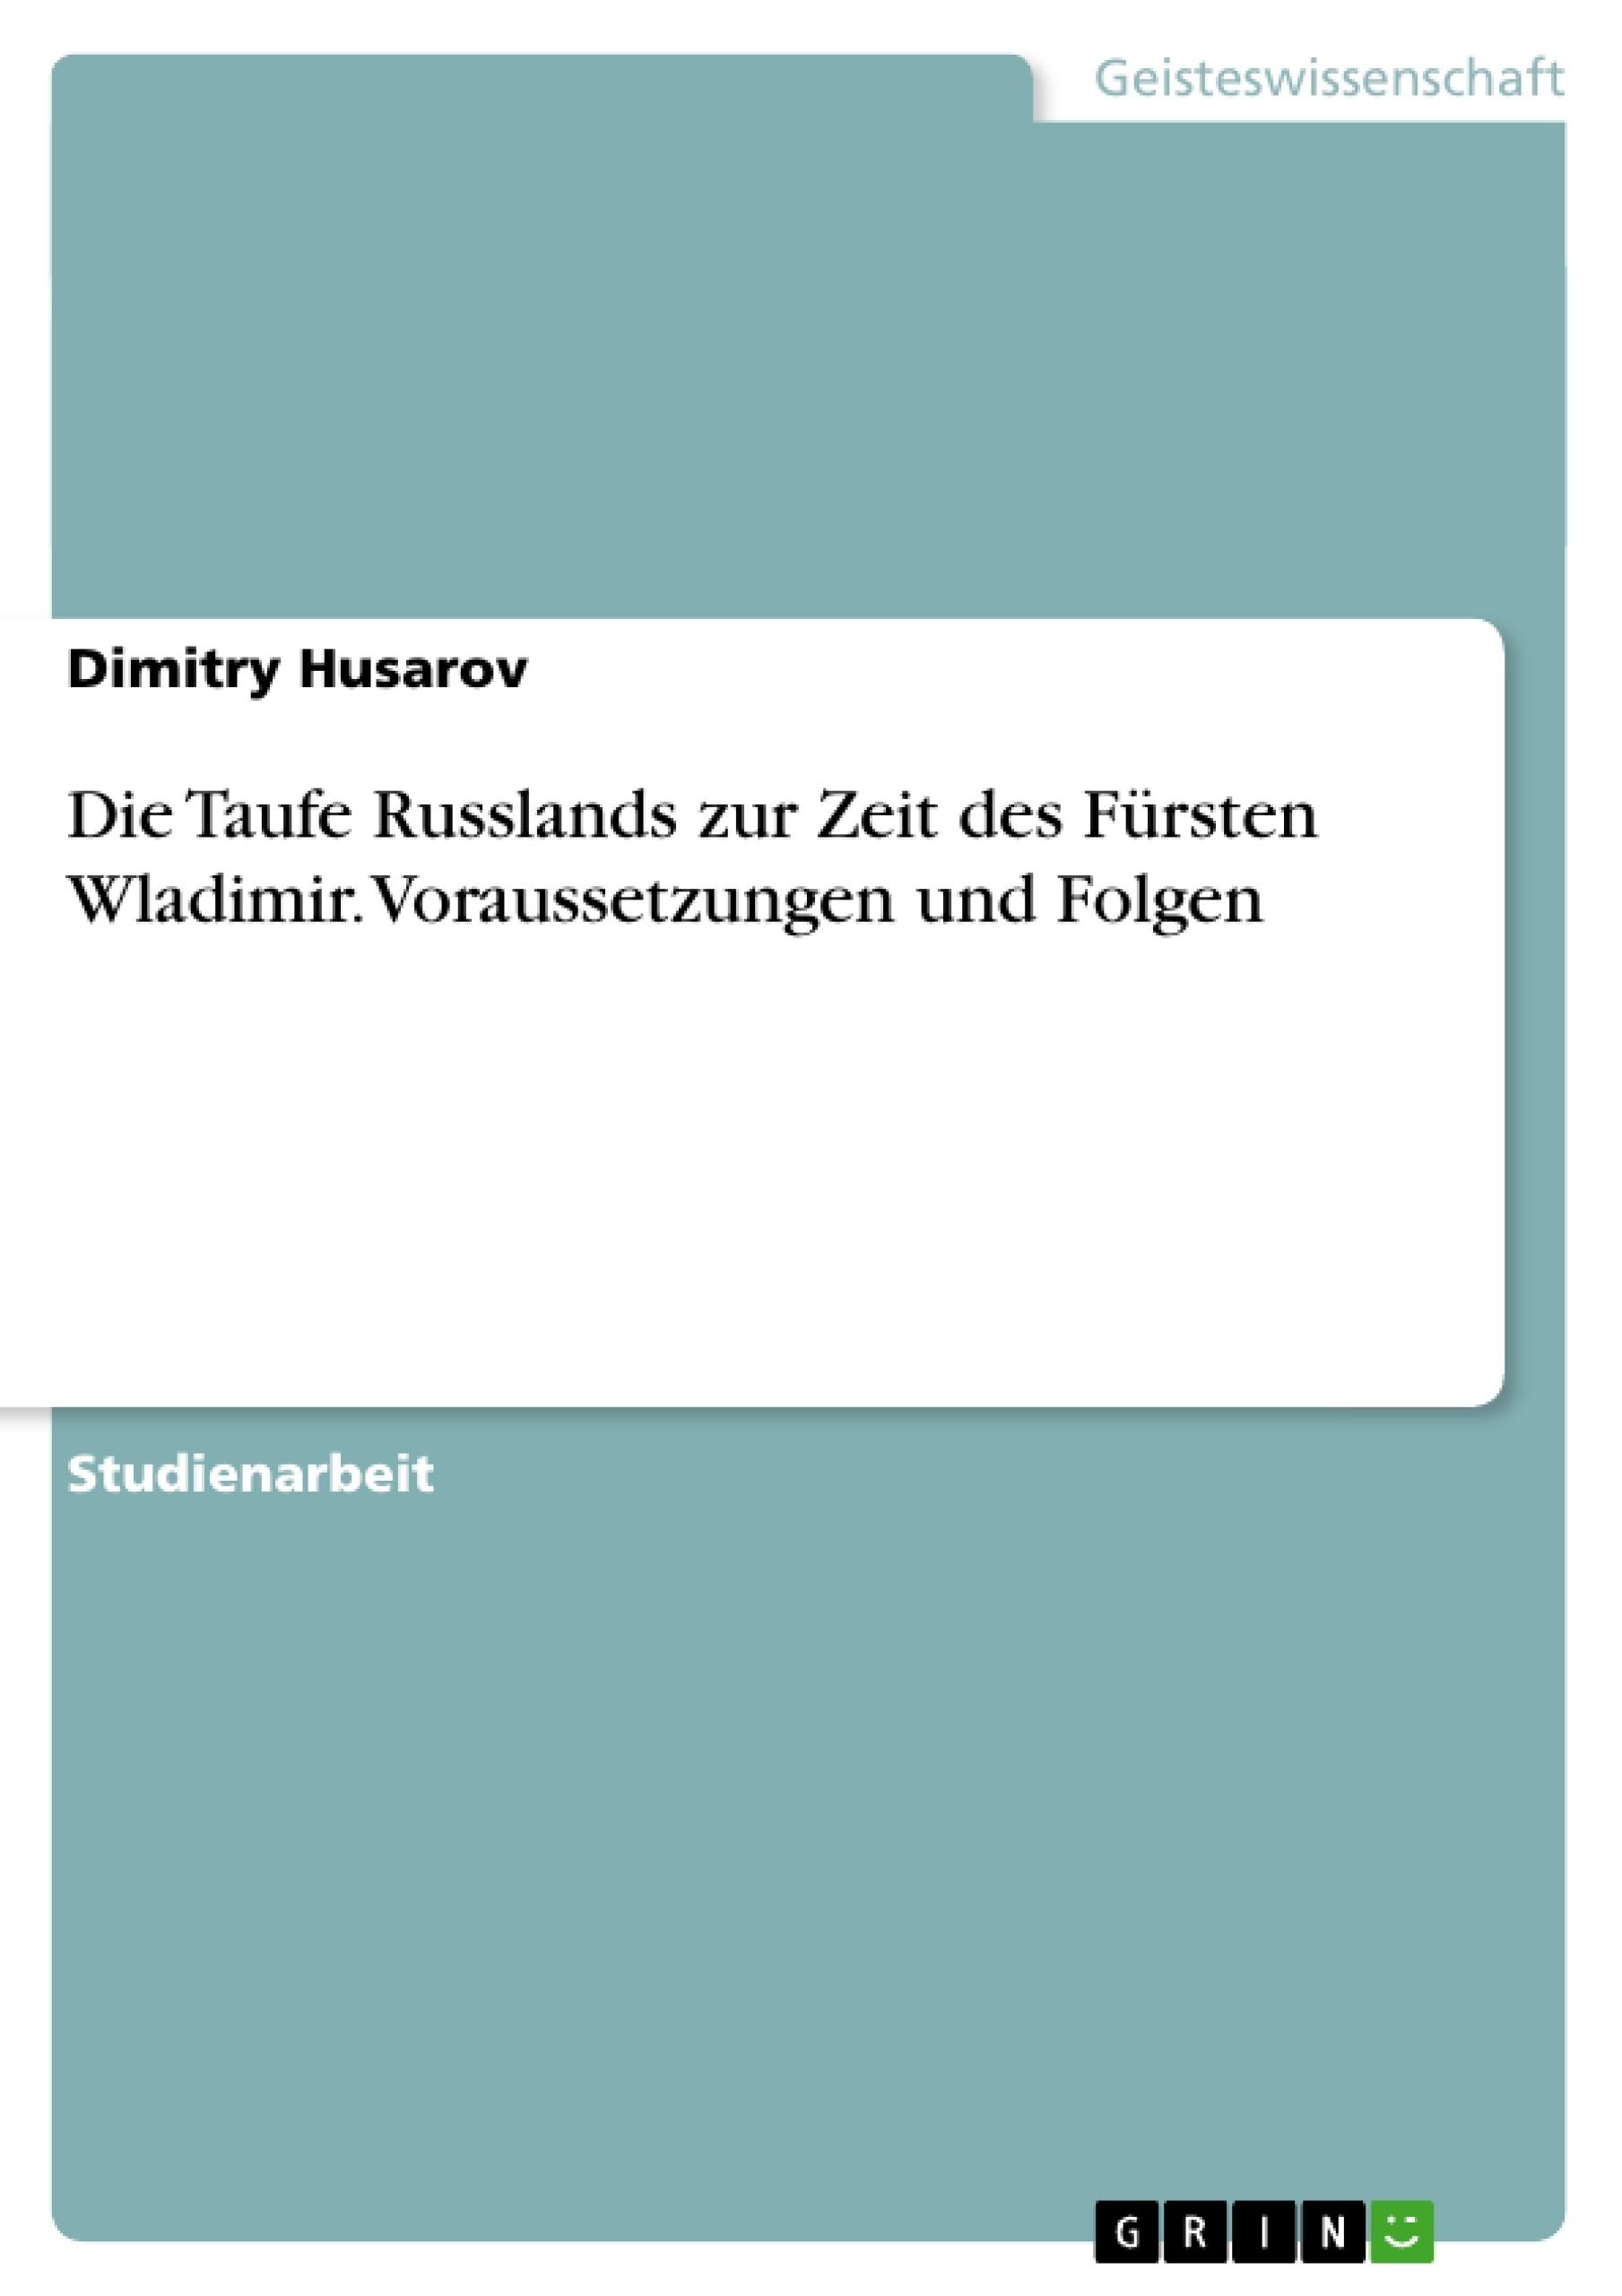 Titel: Die Taufe Russlands zur Zeit des Fürsten Wladimir. Voraussetzungen und Folgen